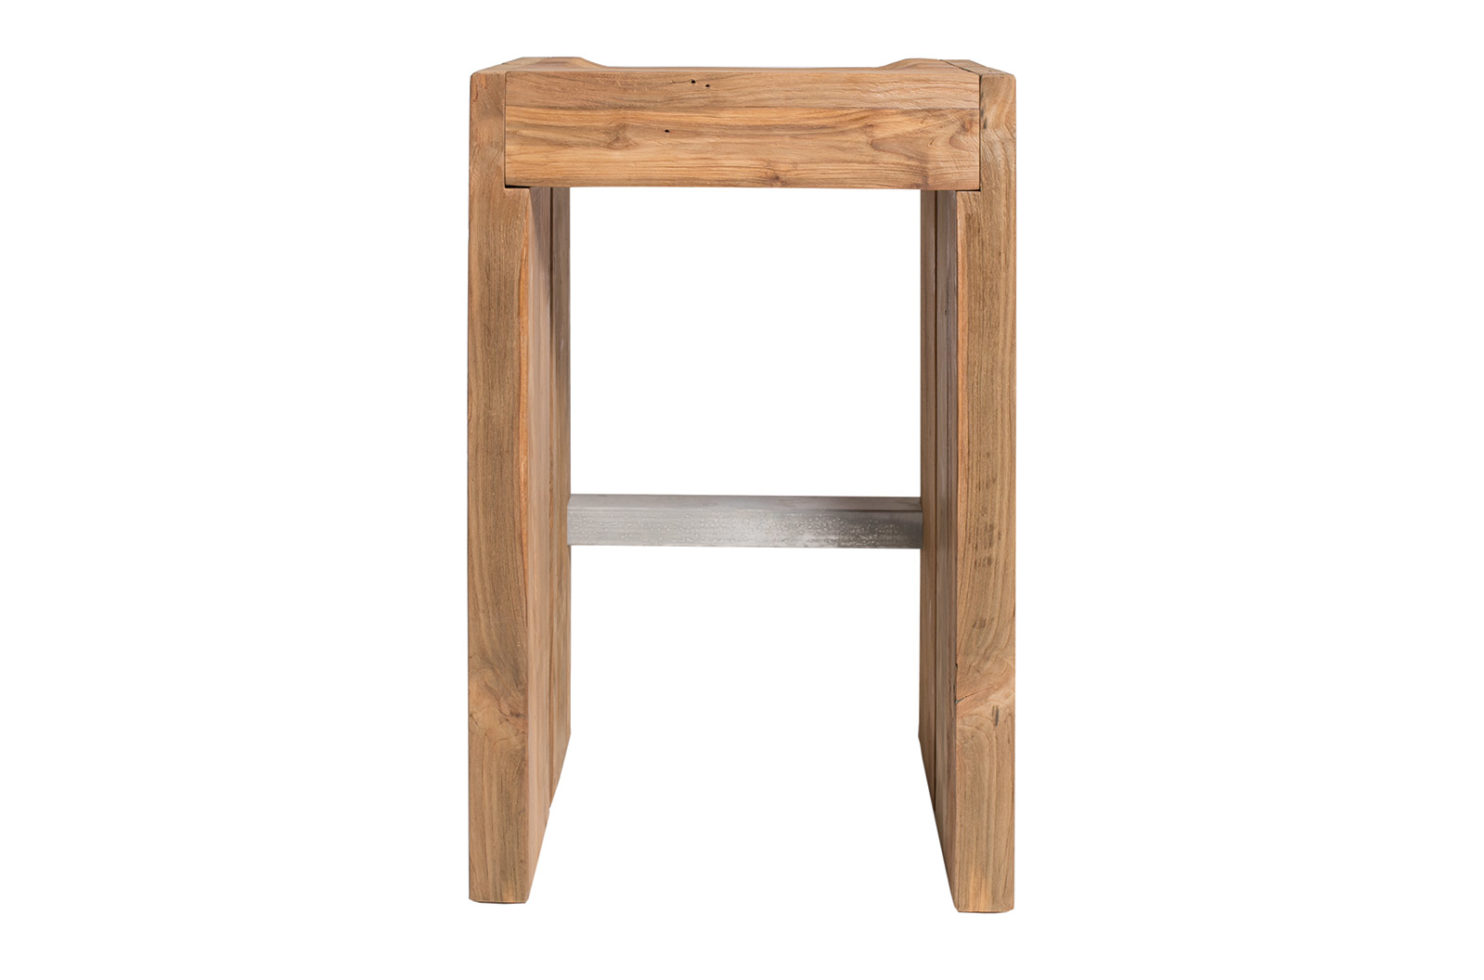 Perpetual Teak Bar Chair 501FT047P2 BACK